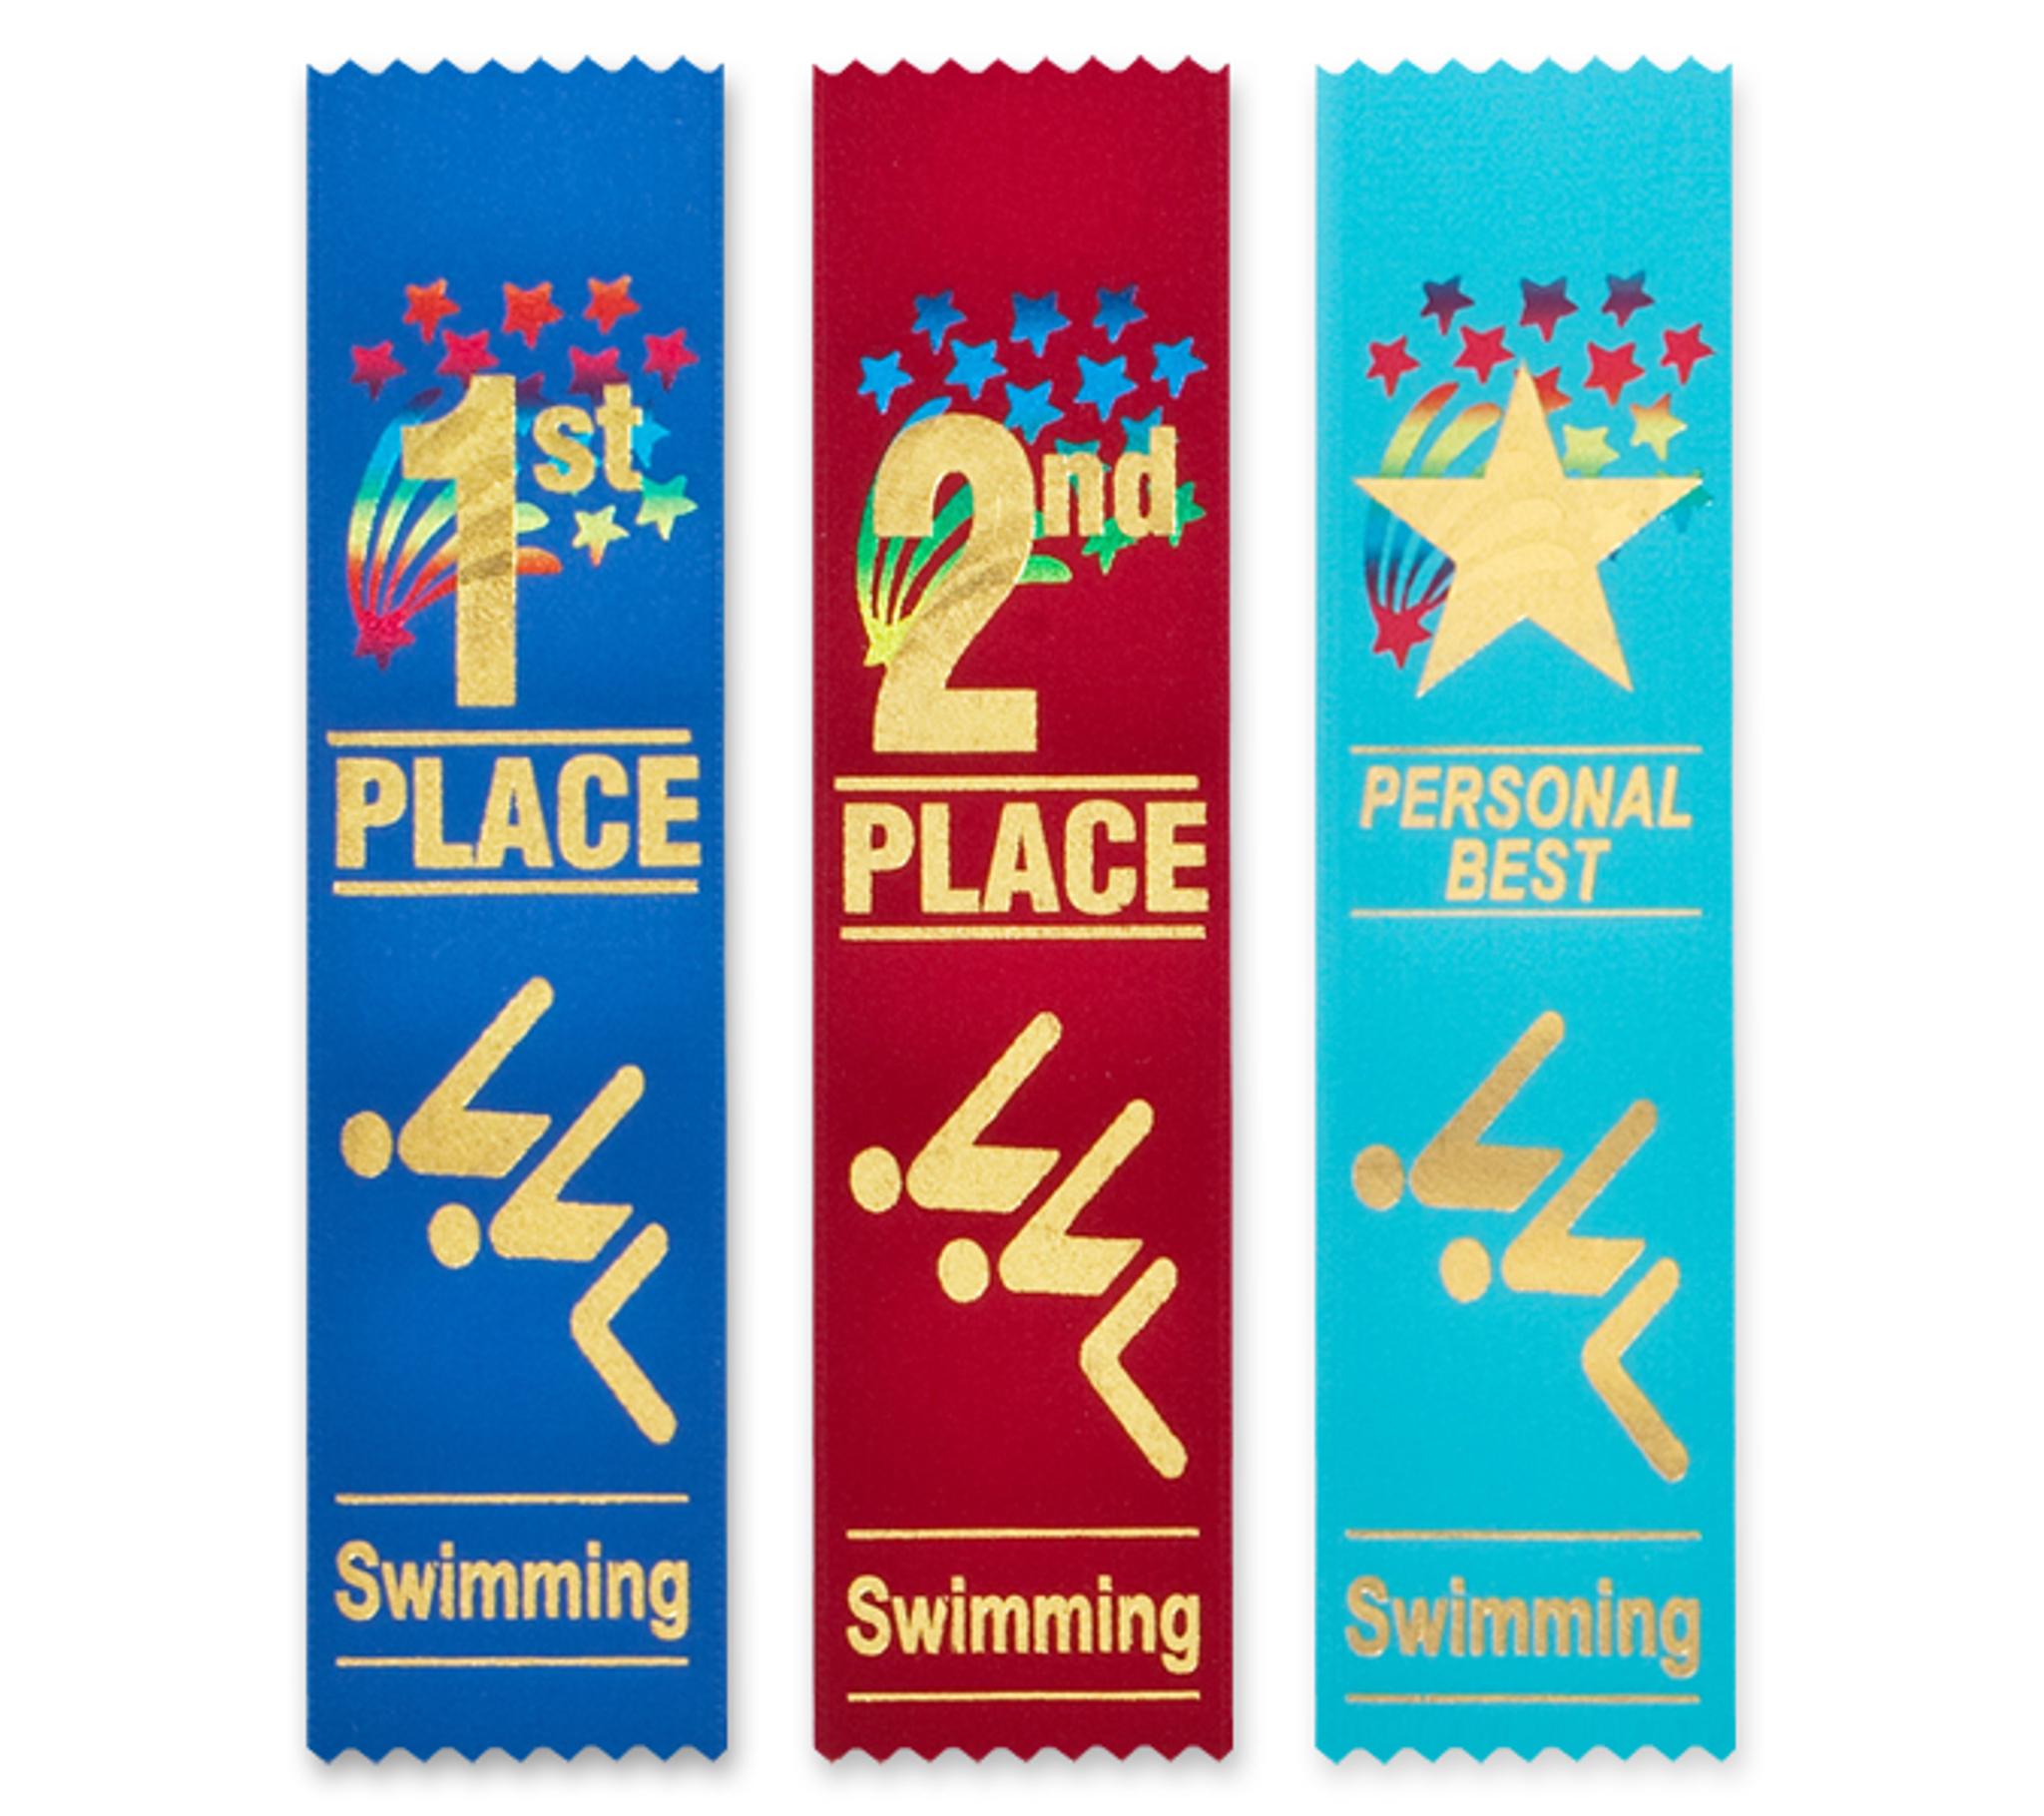 Swimming Award Ribbons Flat Style